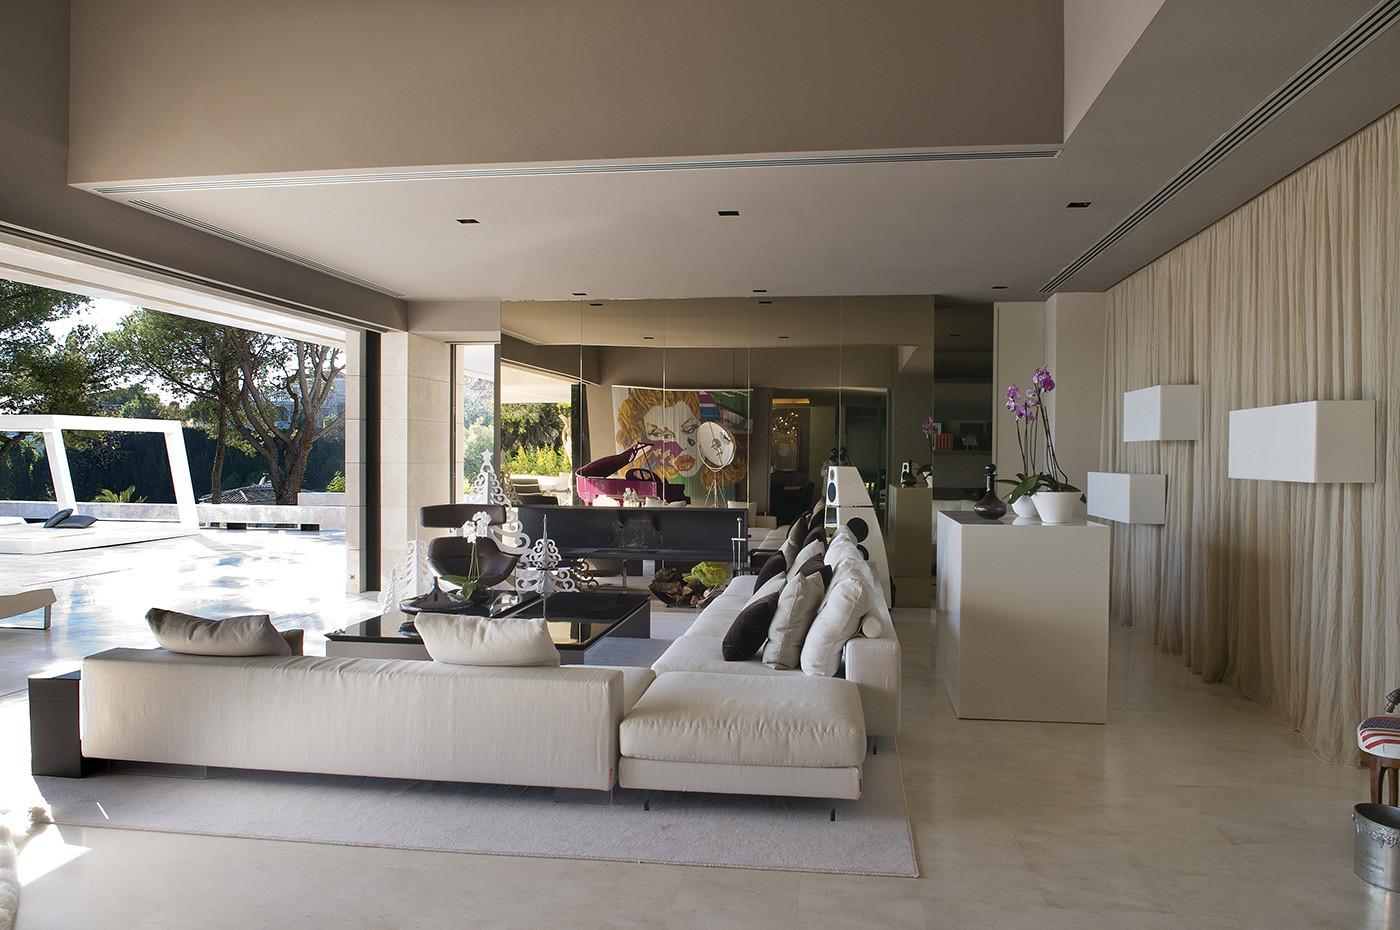 527 - Espectacular, imponente y lujosa casa de diseño en Puerto Banús (Marbella, Costa del Sol)